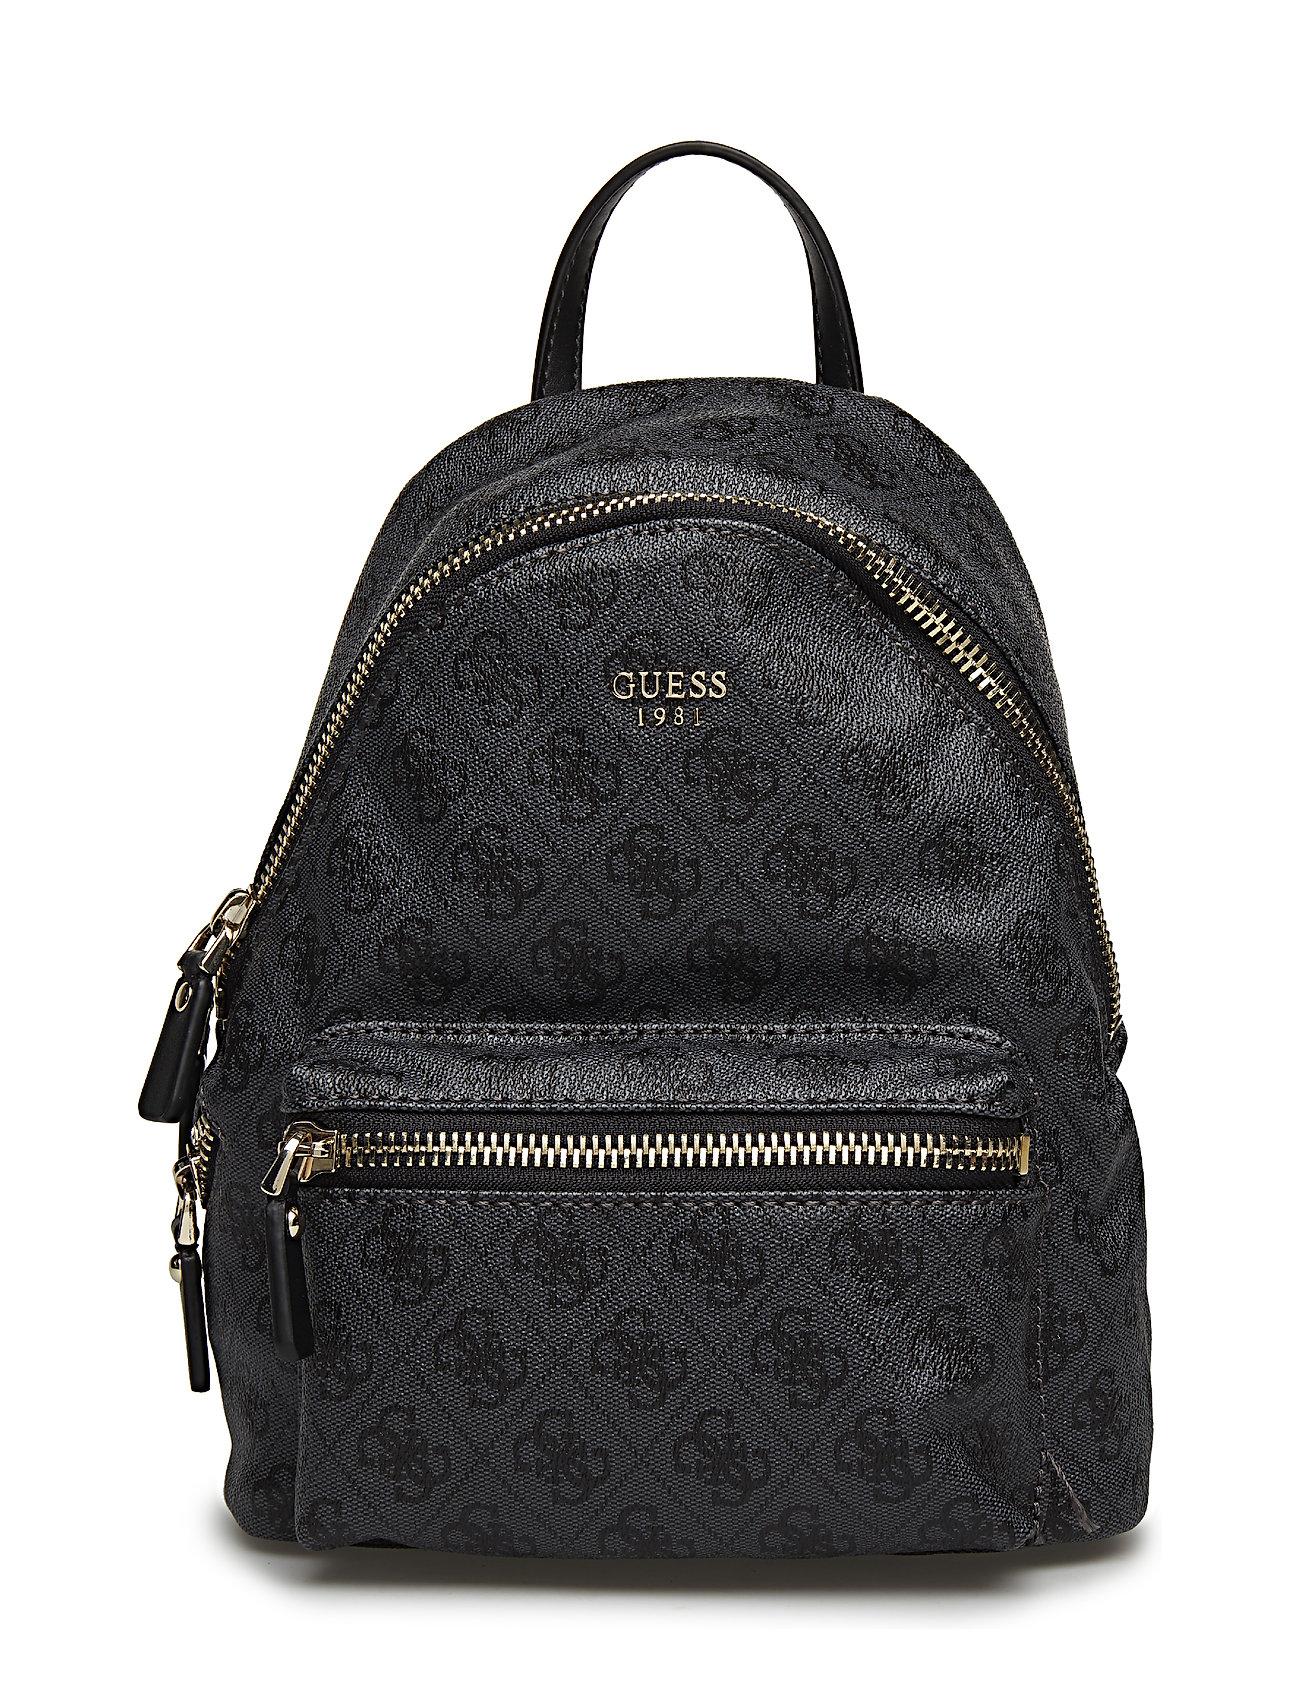 GUESS Leeza Small Backpack Rucksack Tasche Schwarz GUESS